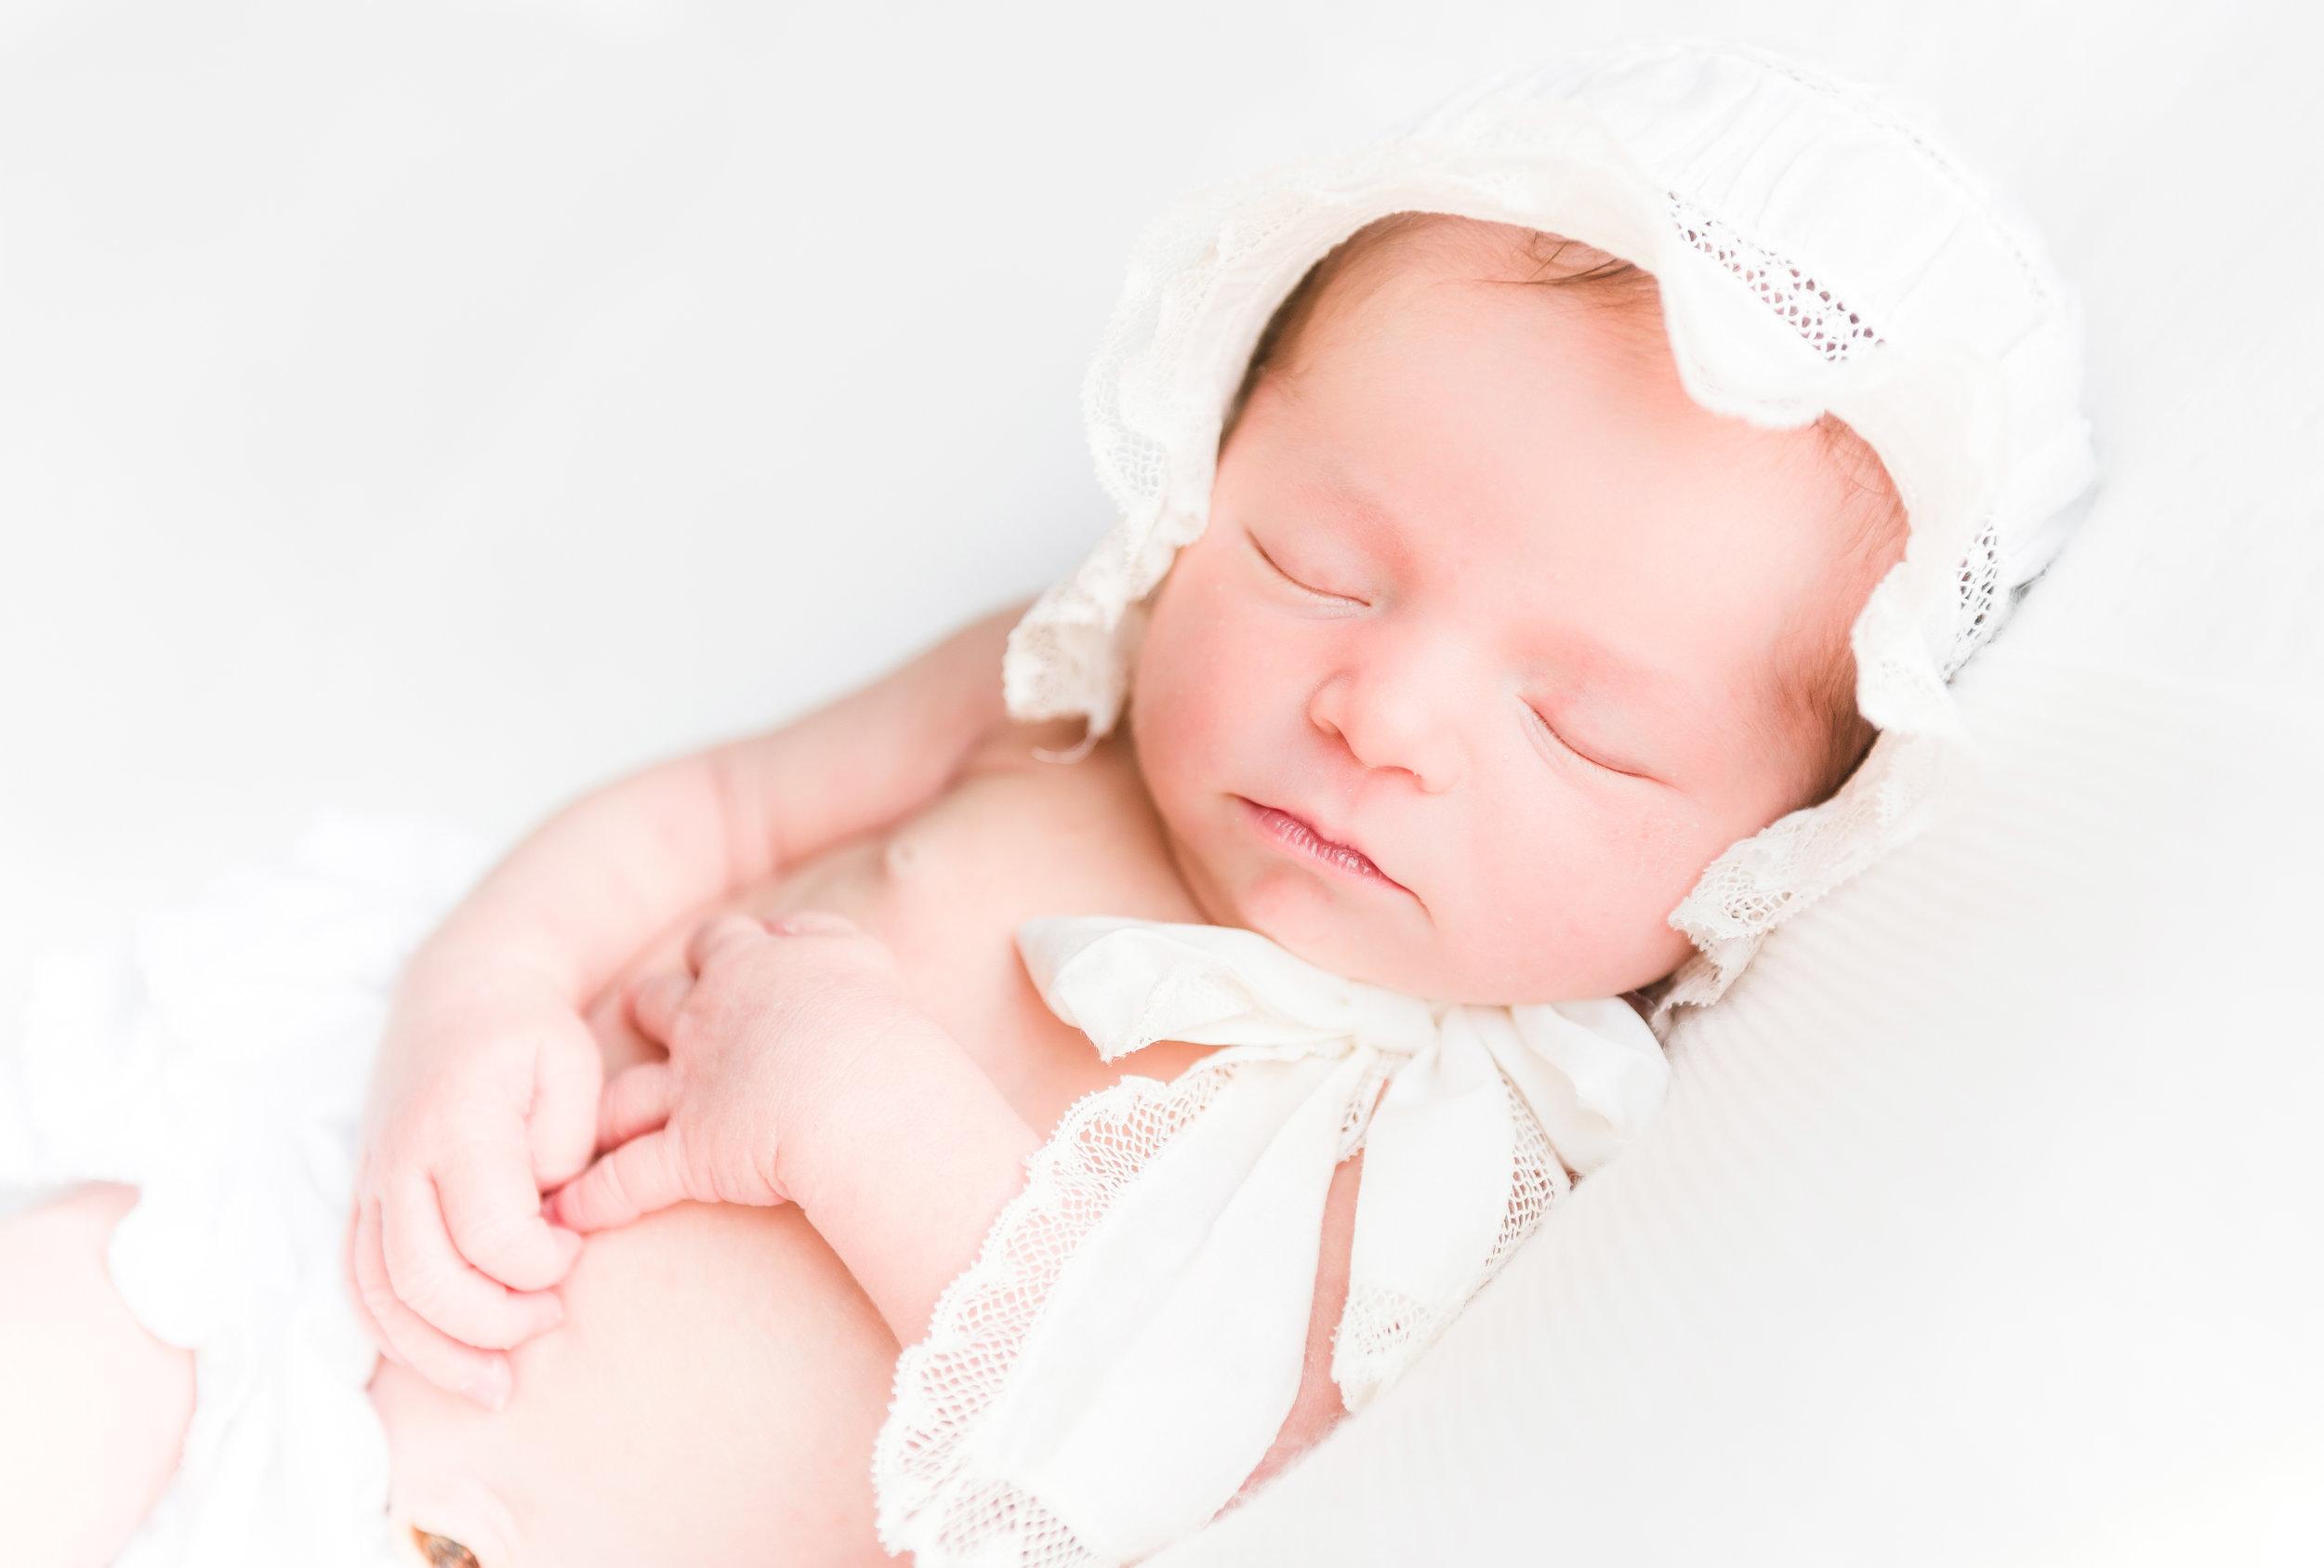 Newborn-4606-2.jpg